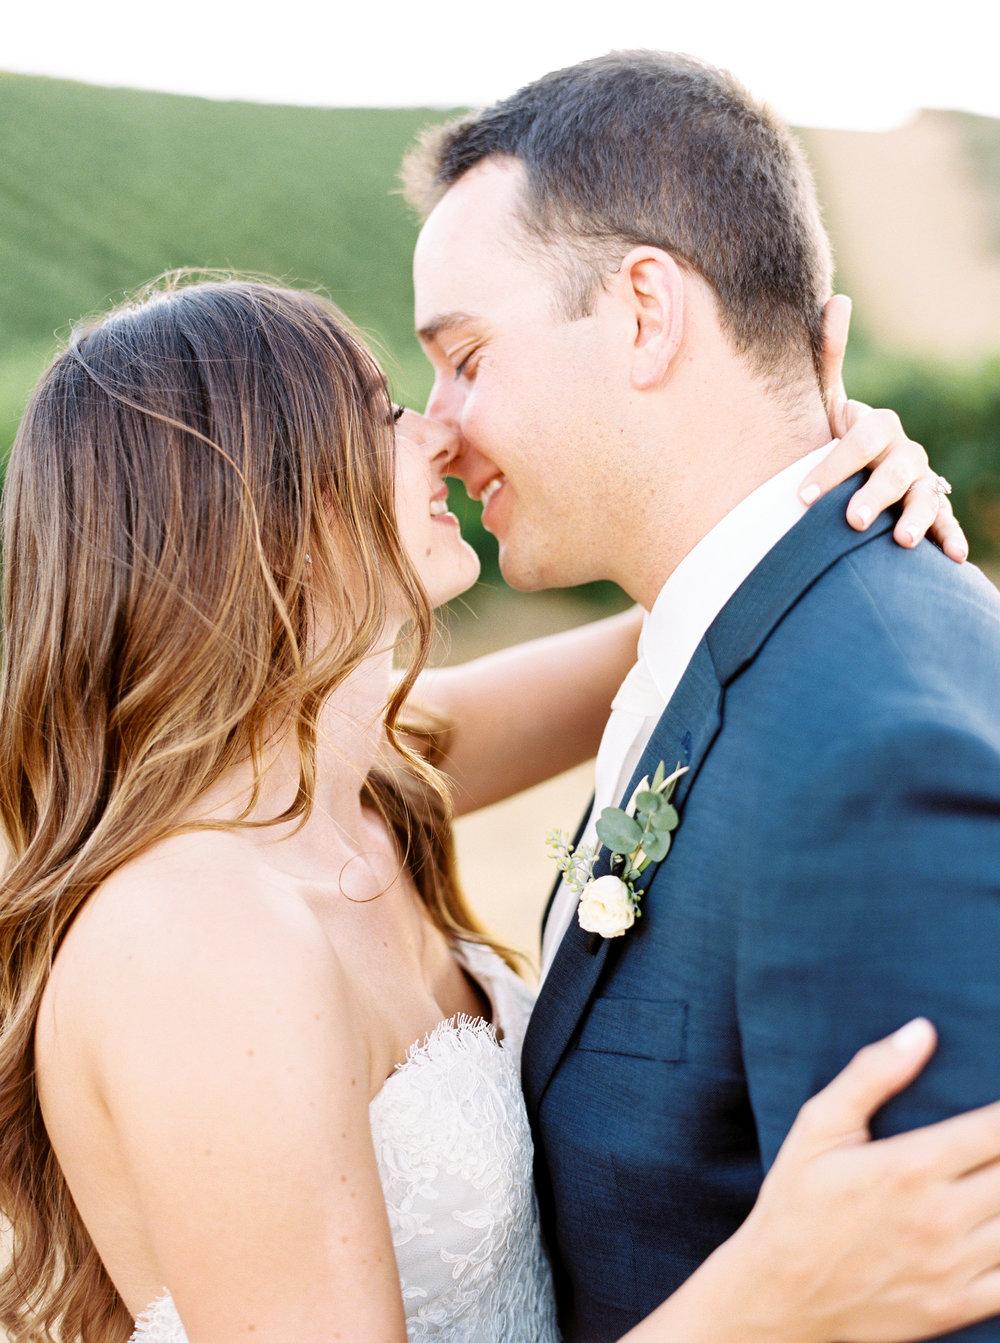 muriettas-well-wedding-in-livermore-california-44.jpg